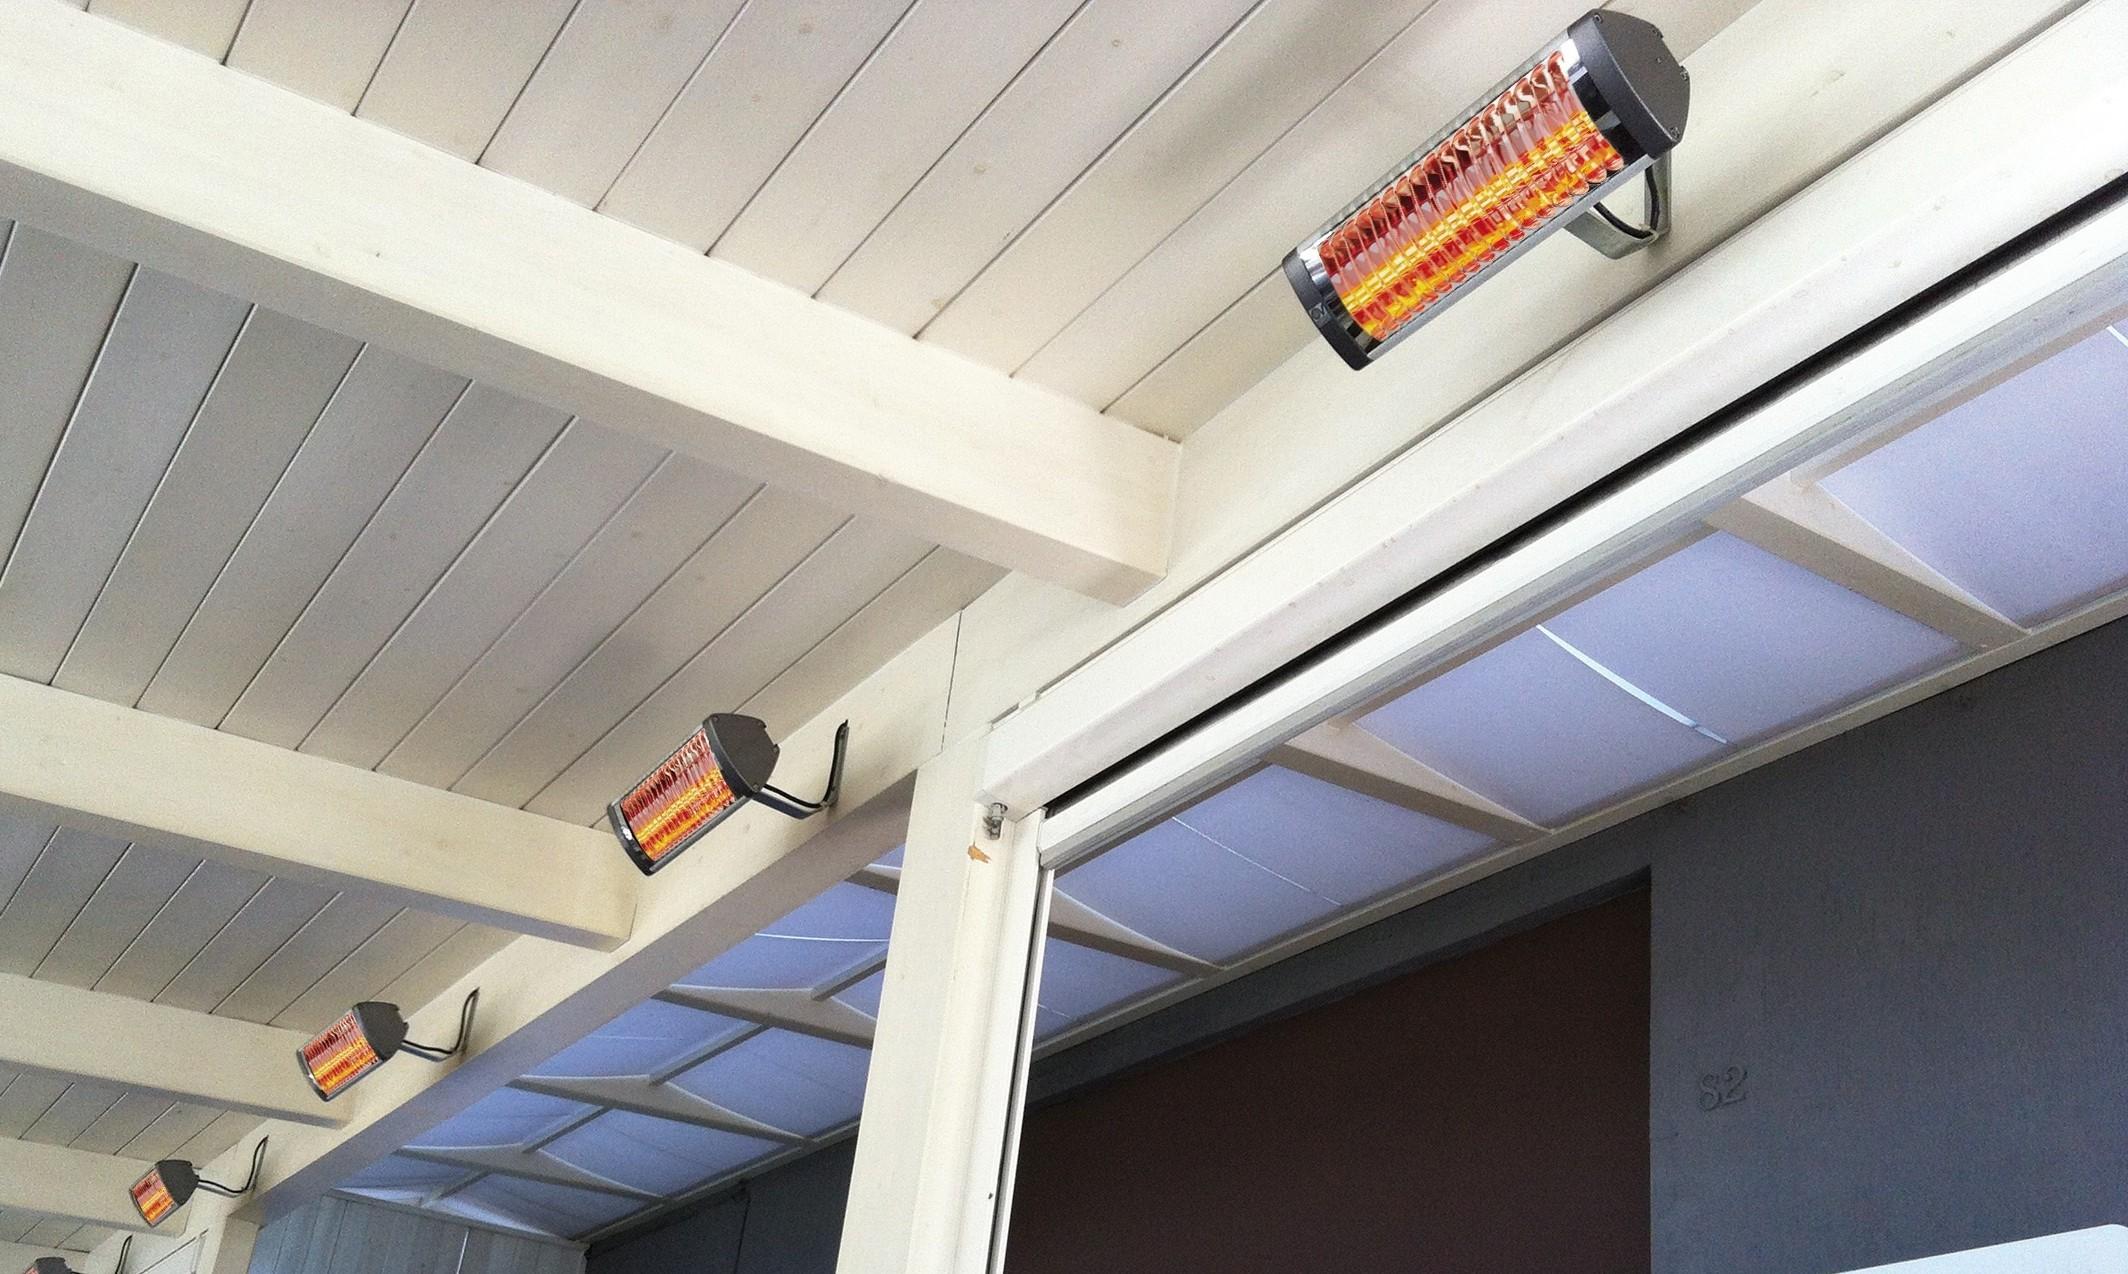 lampada a infrarossi per esterno e interno elettro